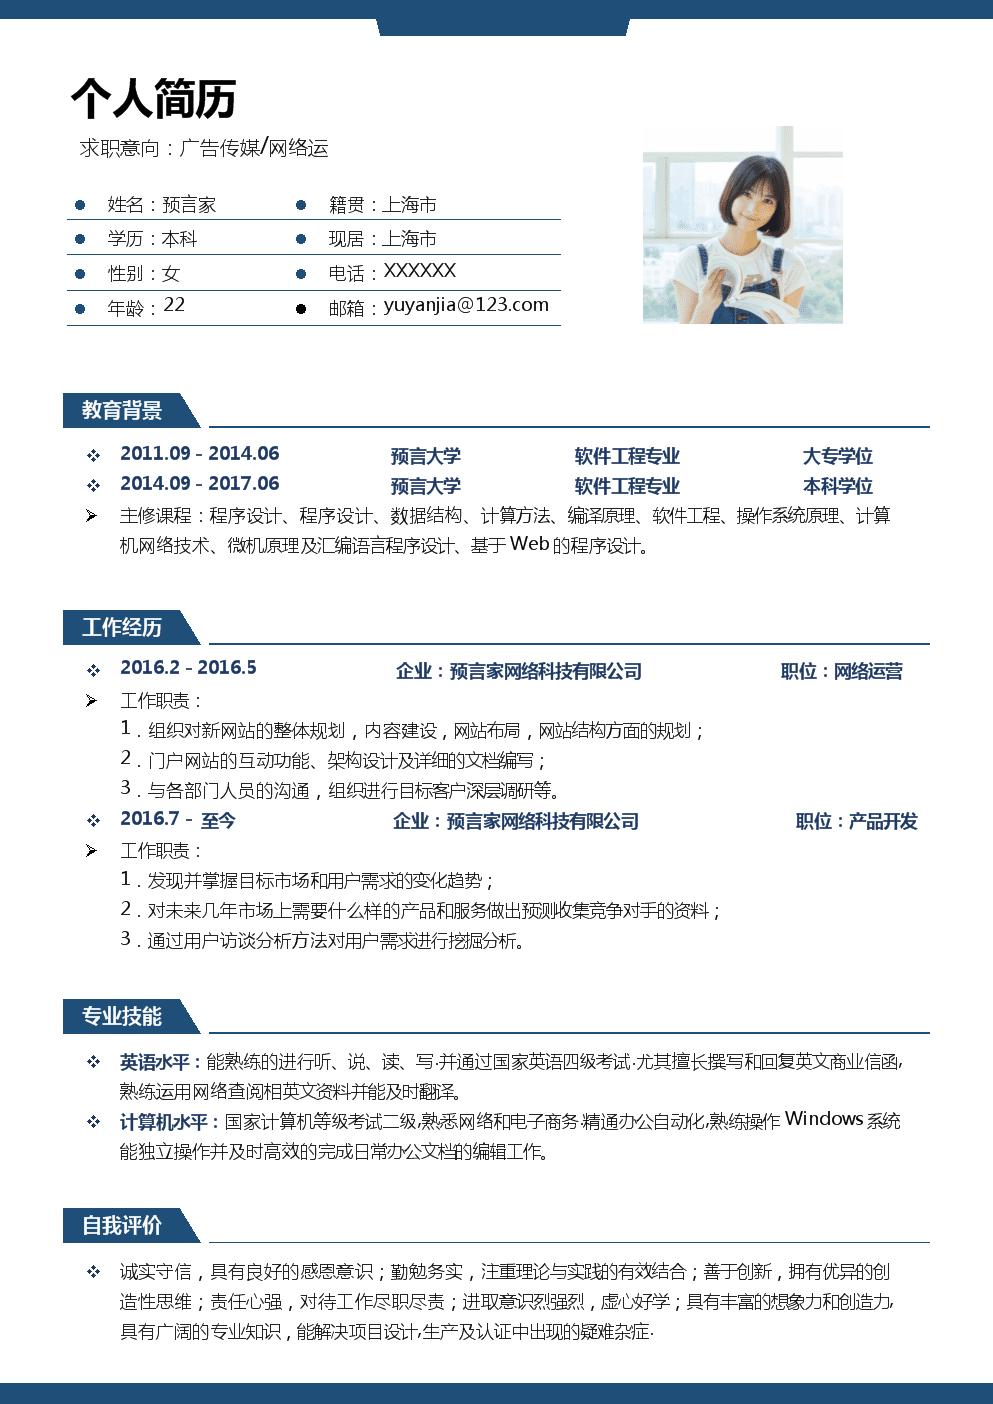 个人简历模板(广告传媒样例).doc